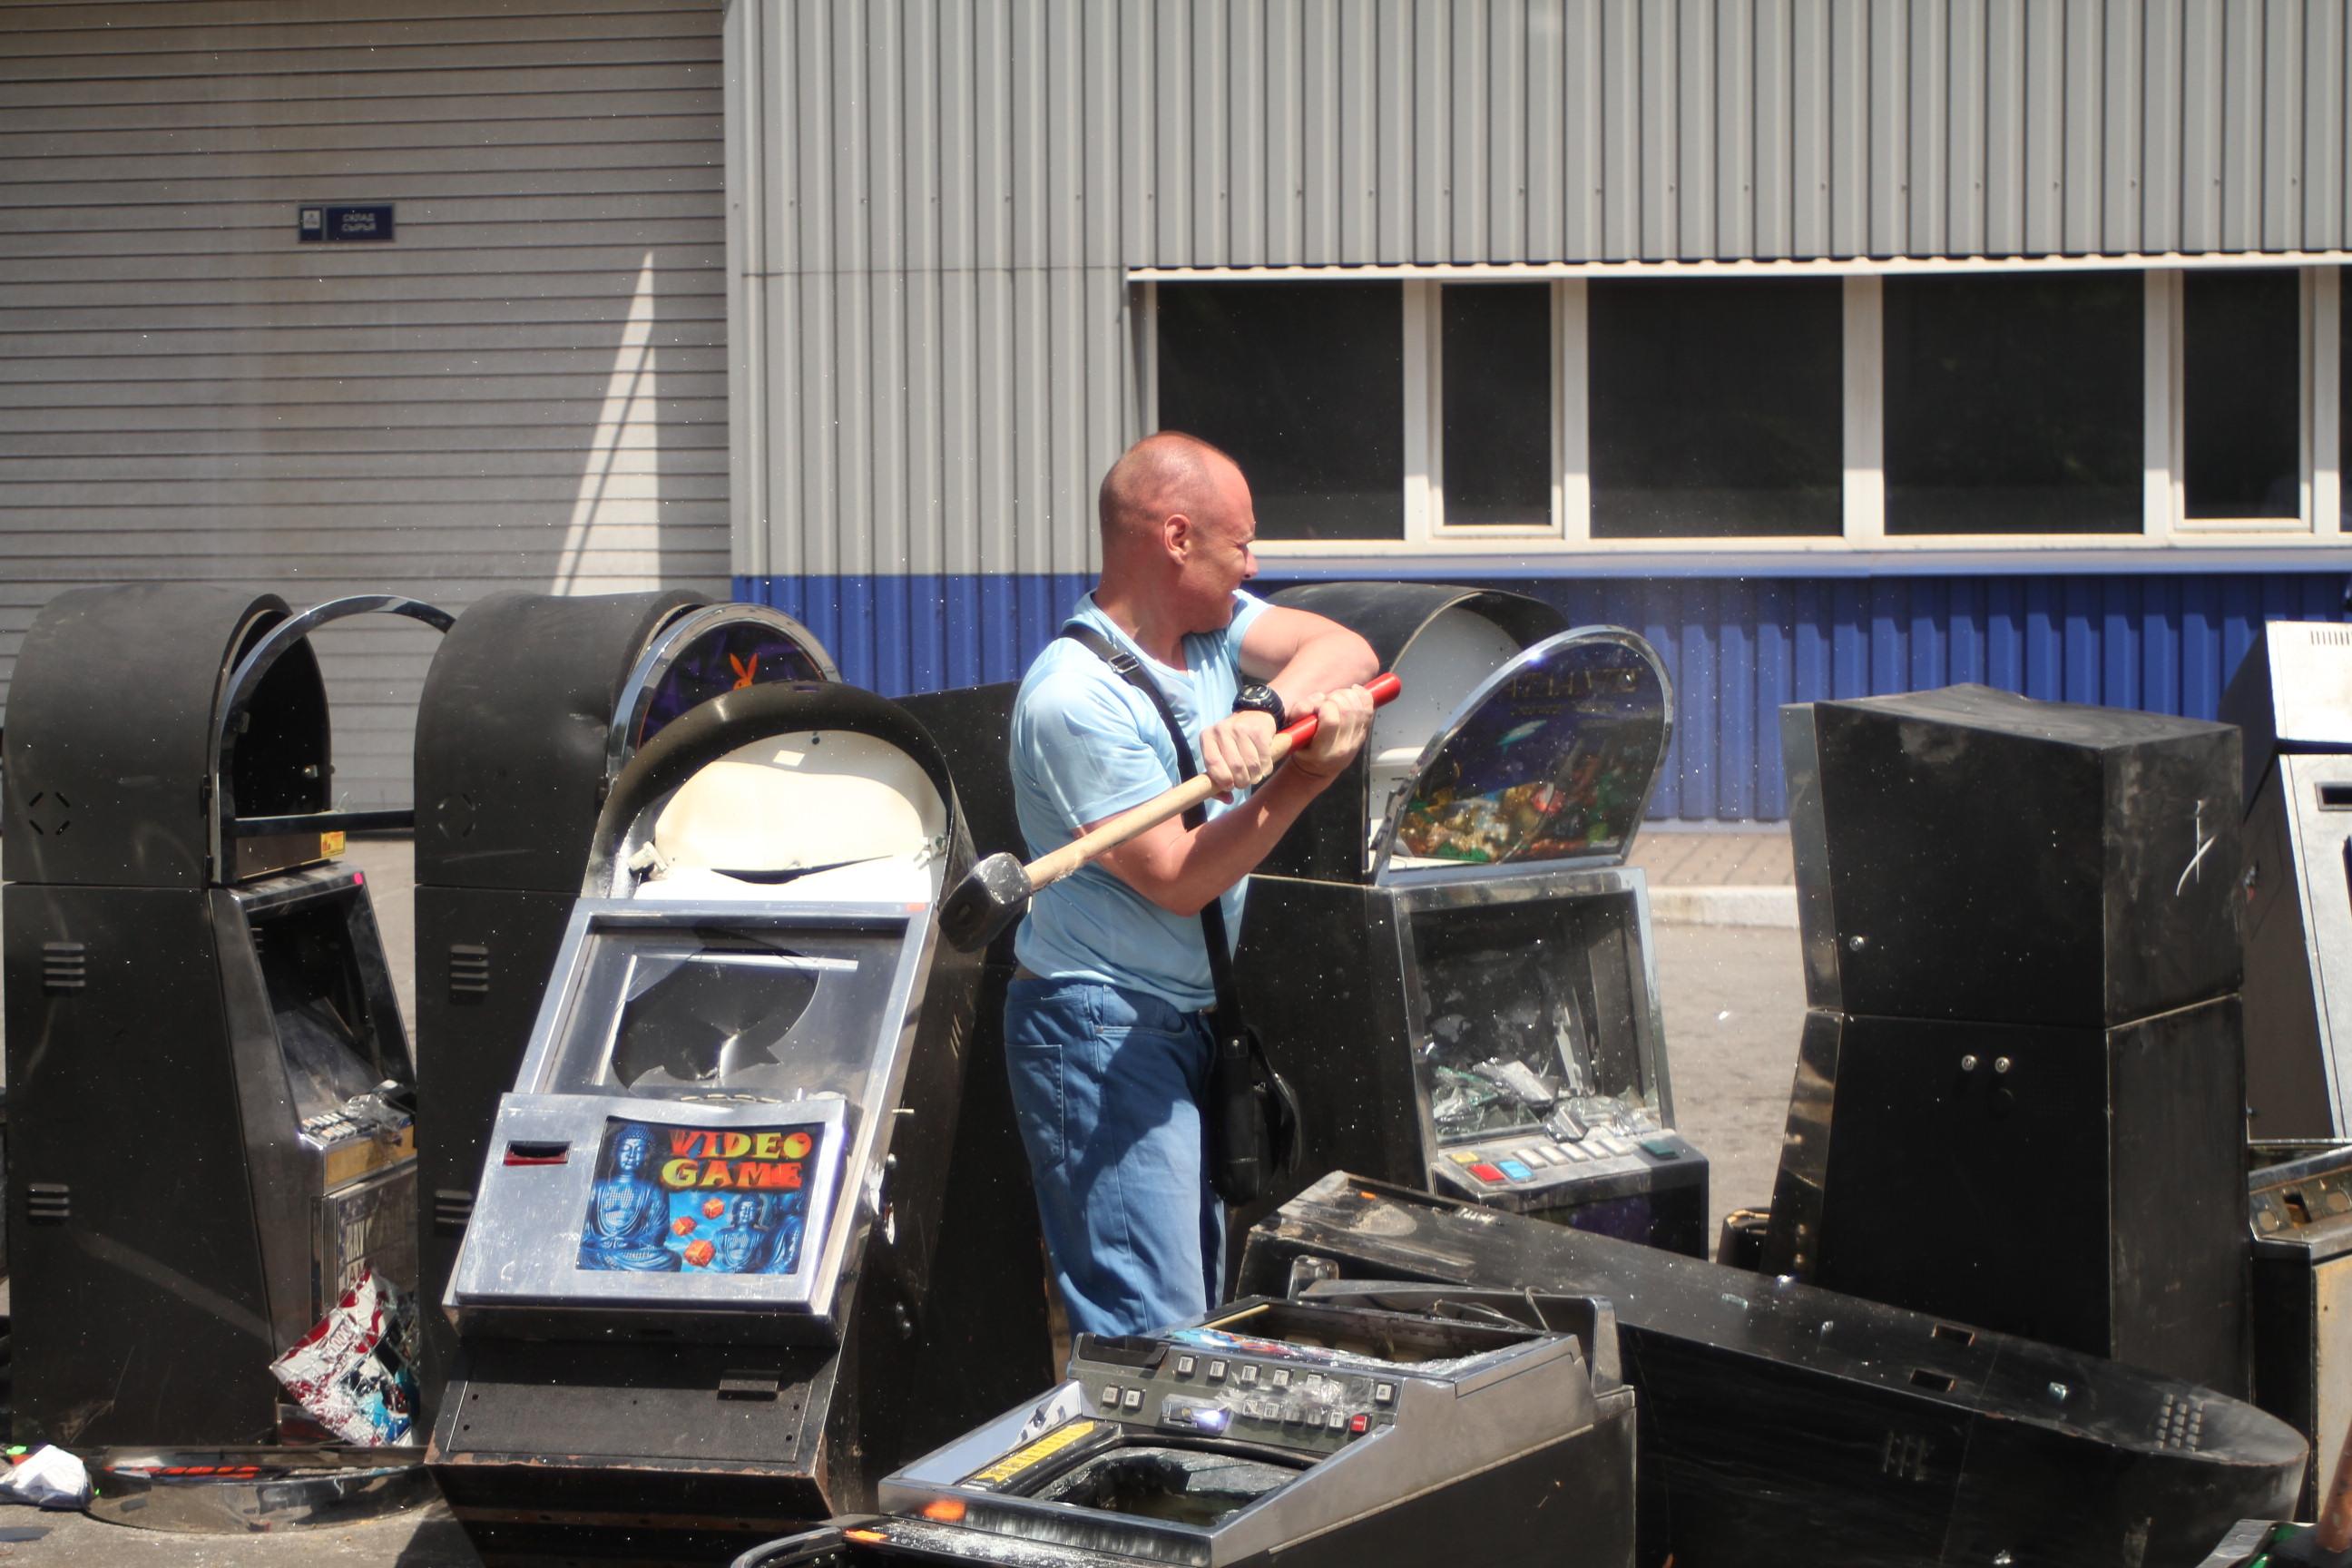 Игровые автоматы изъятие slot casino org игровые автоматы lang ru